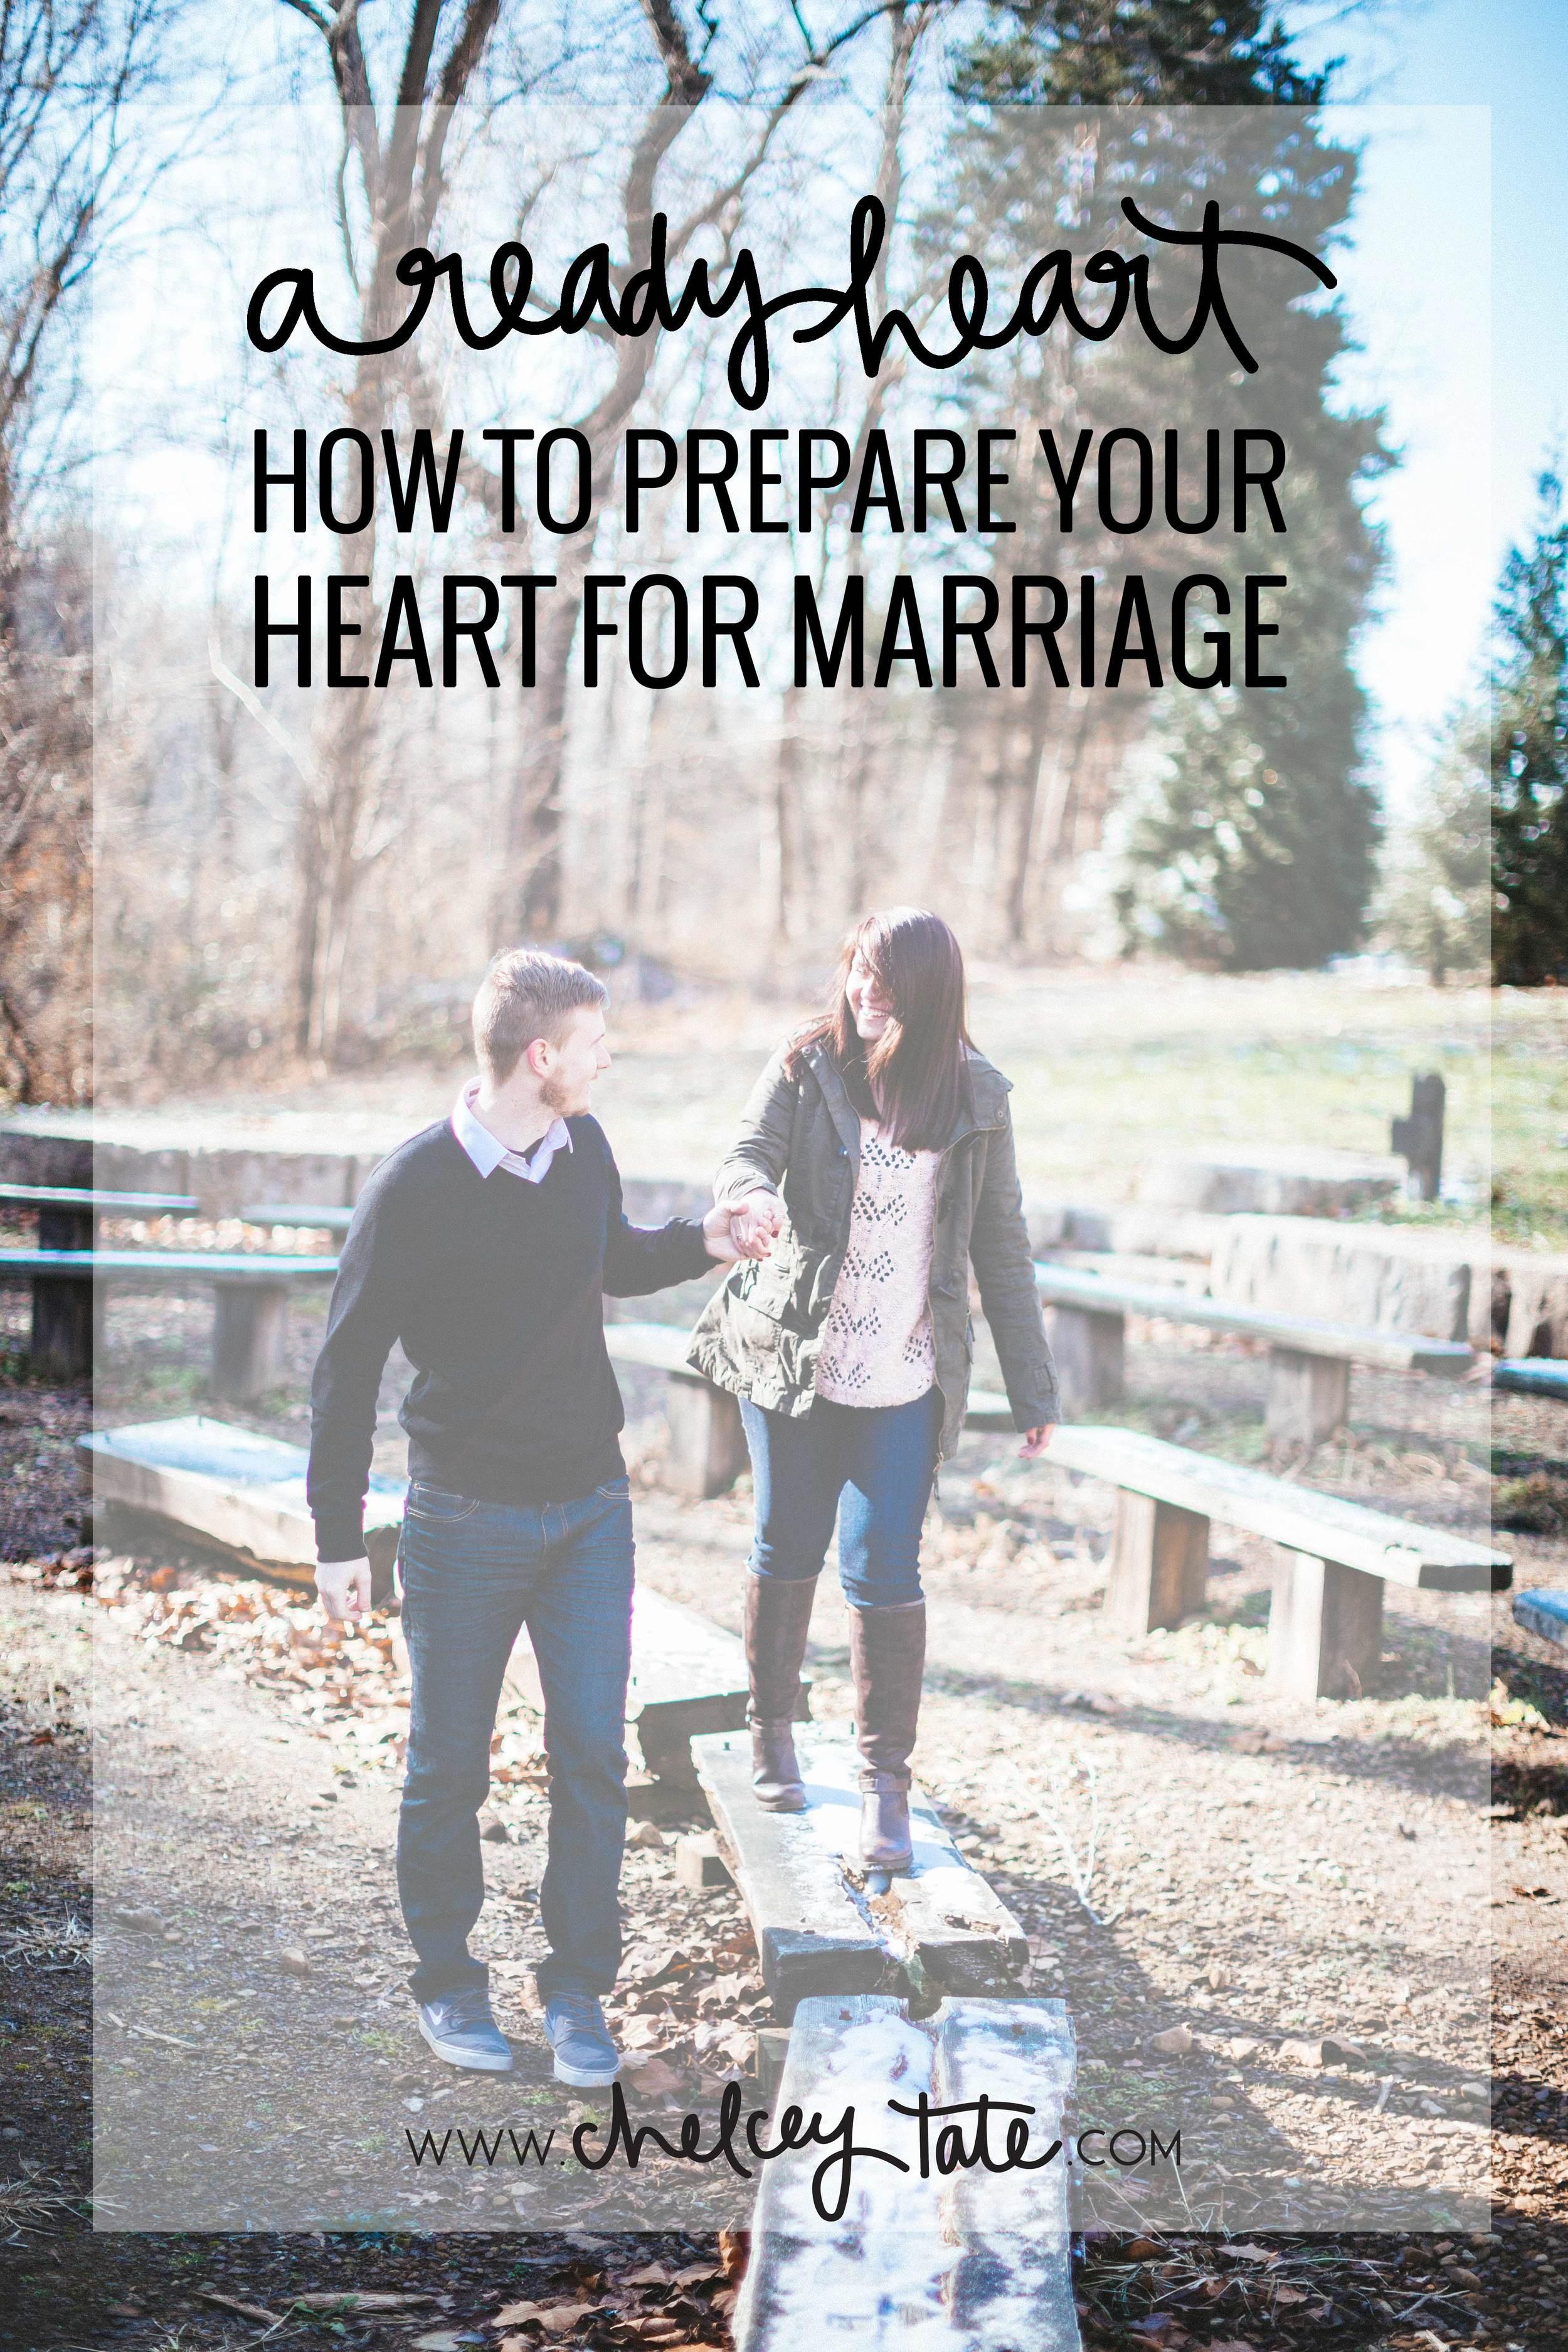 A Ready Heart - www.chelceytate.com